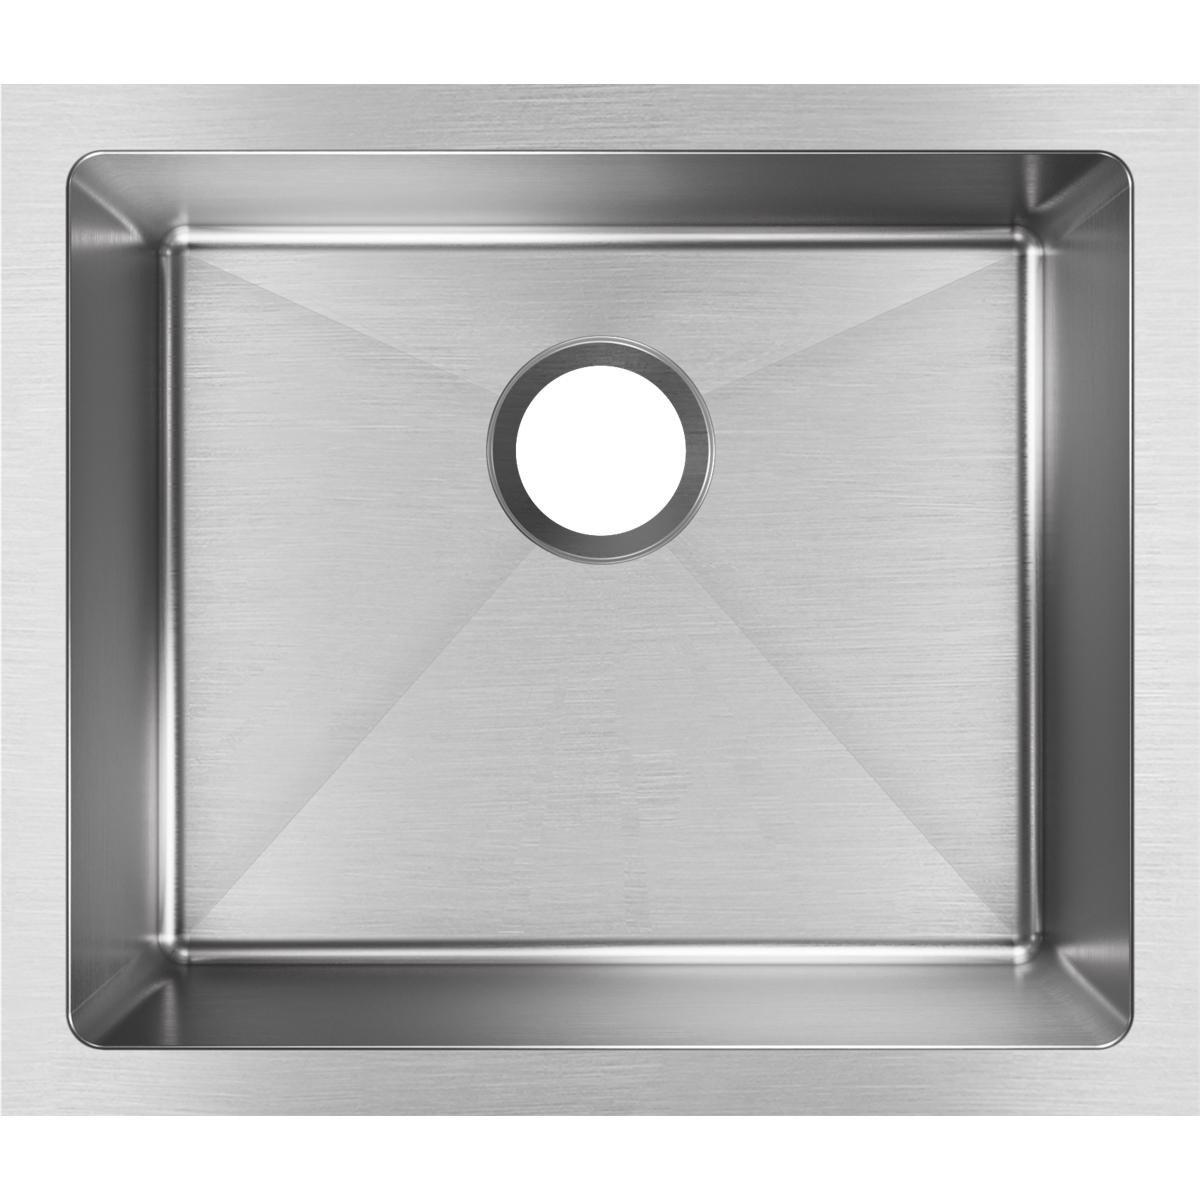 Elkay EFRU191610T Crosstown Single Bowl Undermount Stainless Steel Sink